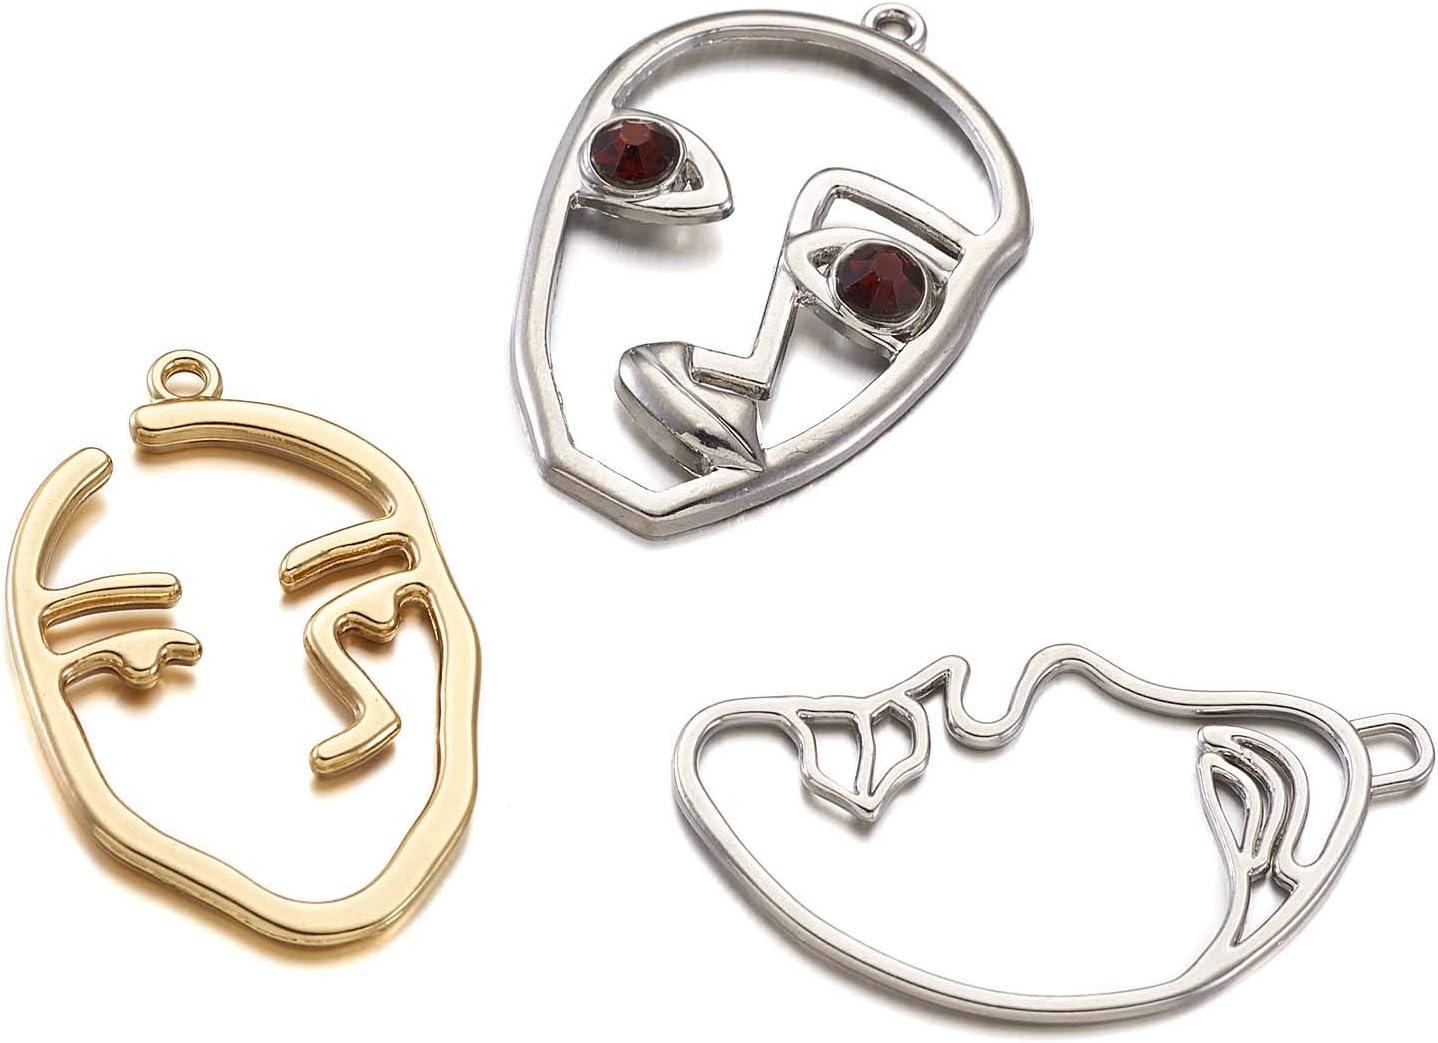 Craftdady Lot de 24 boucles doreilles abstraites avec pendentif en forme de visage creux pour la fabrication de bijoux platine et dor/é